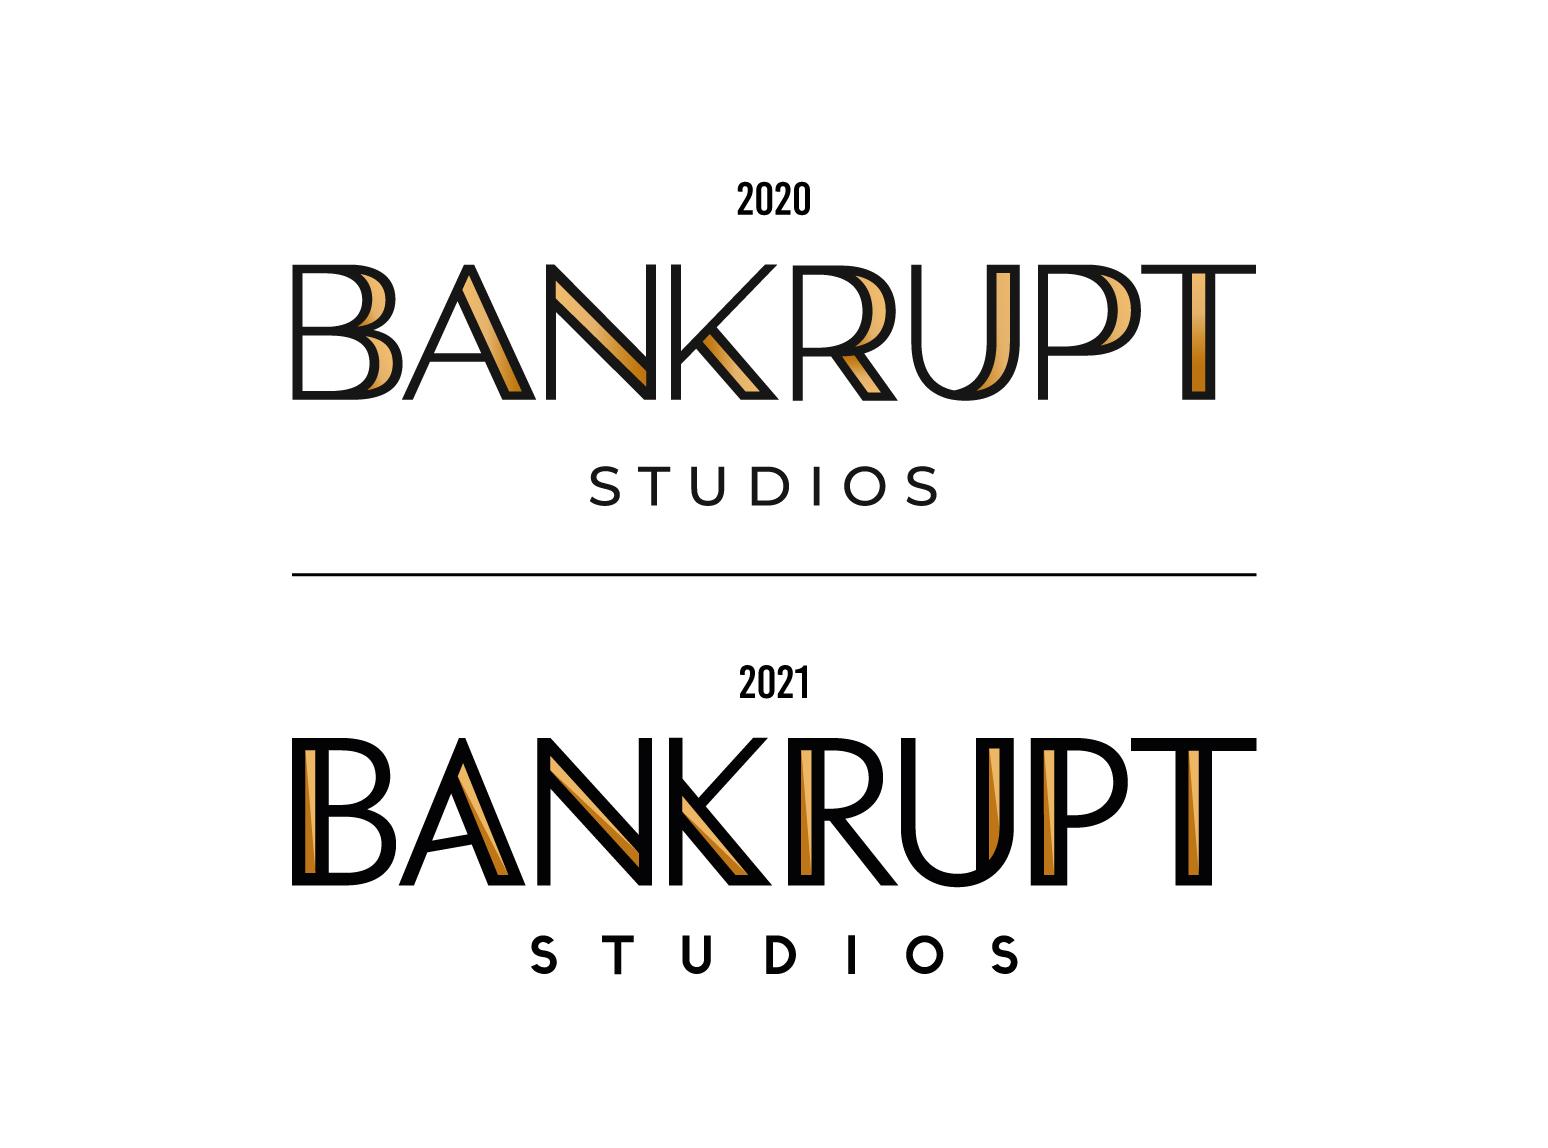 av Bankrupt Studios